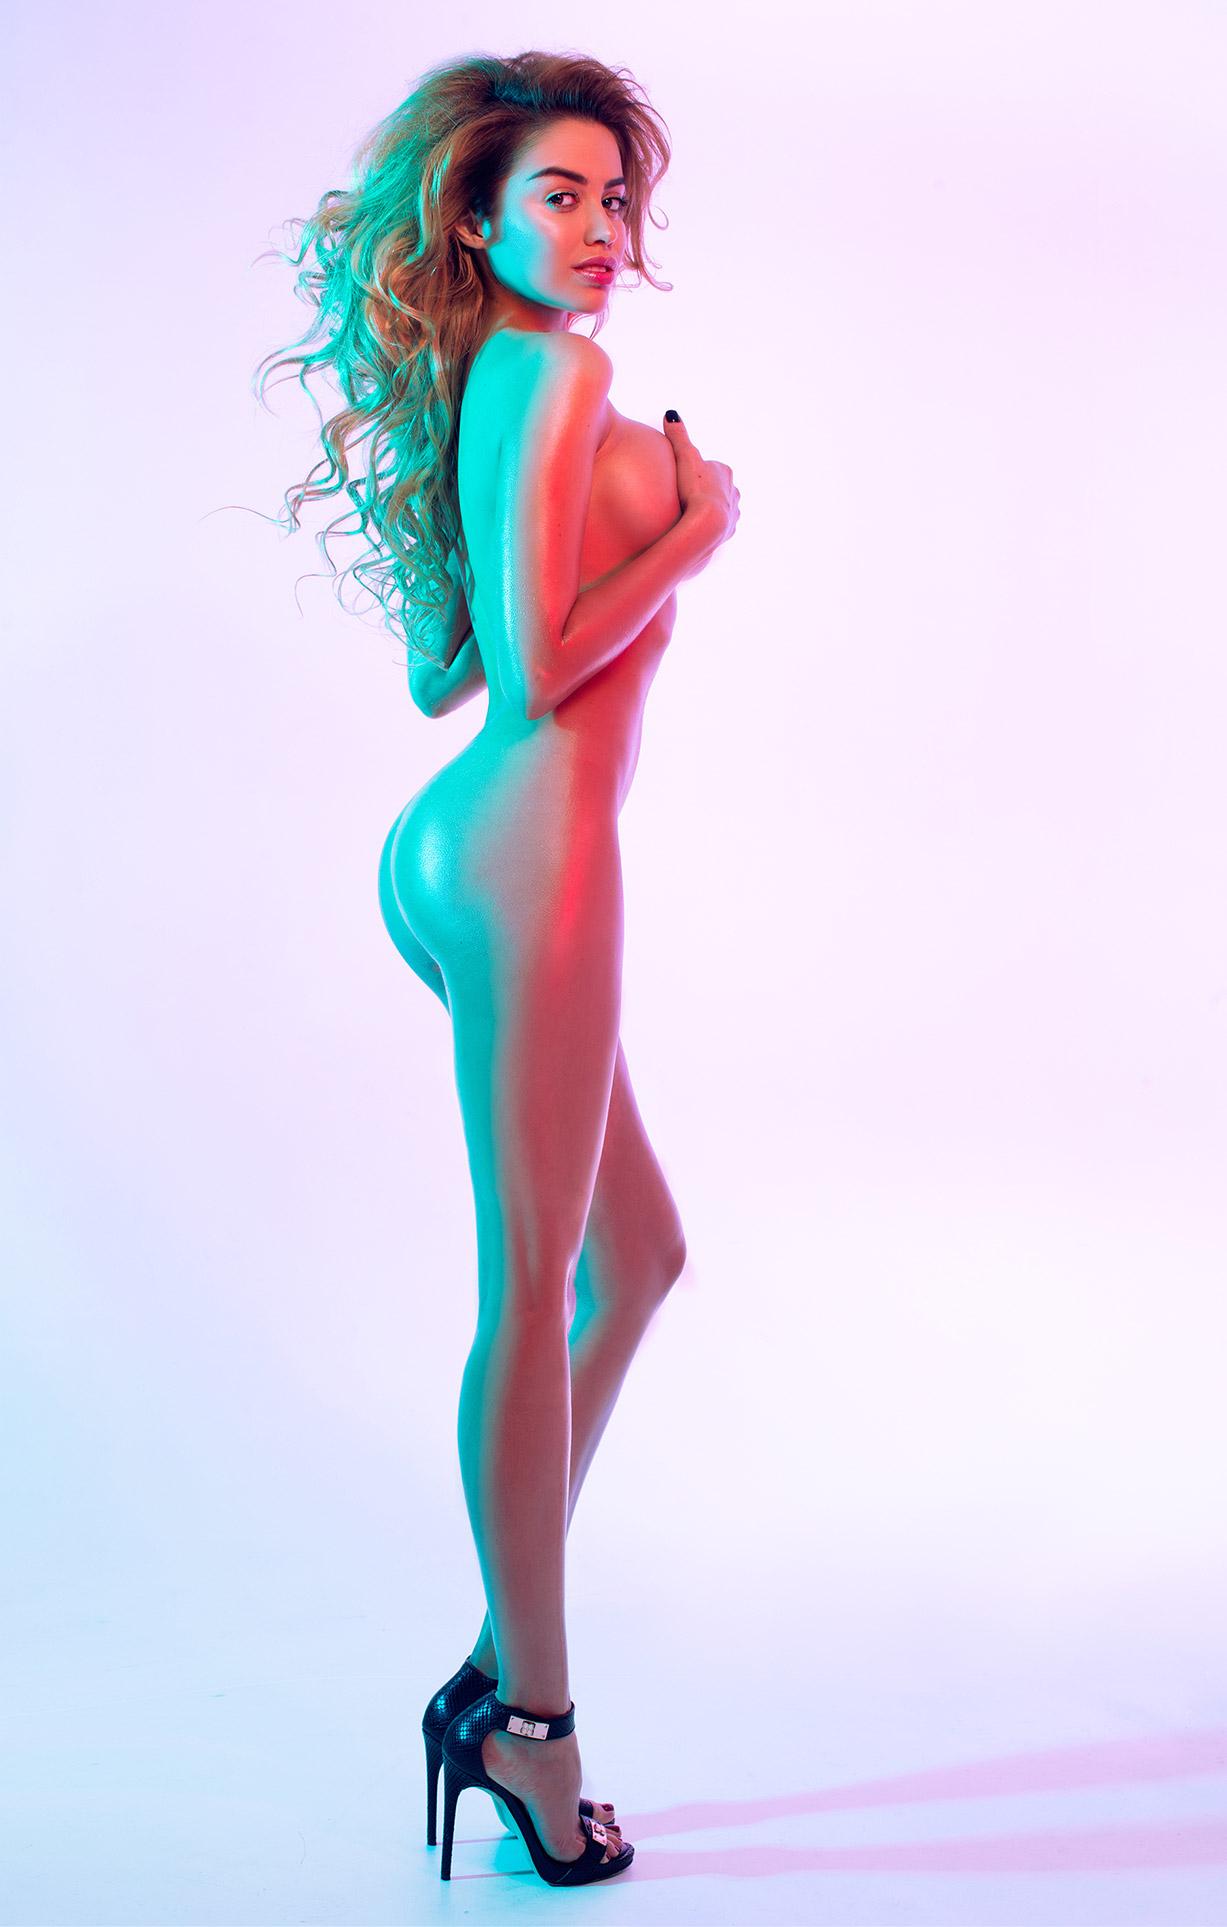 неоновая красавица Марго Думас / Margo Dumas by Tim Rise and Viacheslav Lazarevych